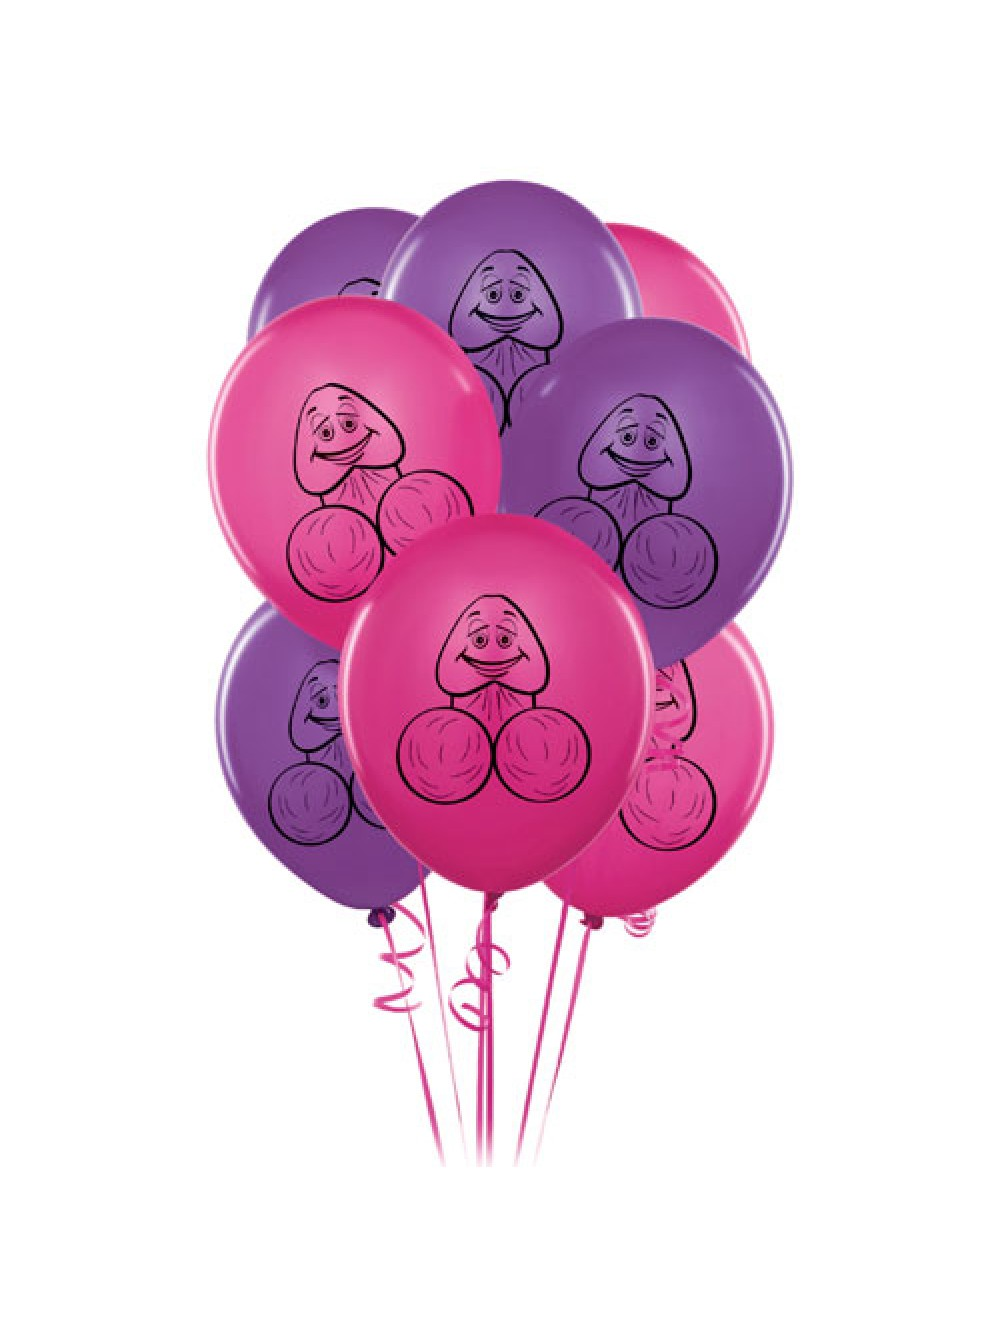 8 Pecker Party Balloons 603912275490